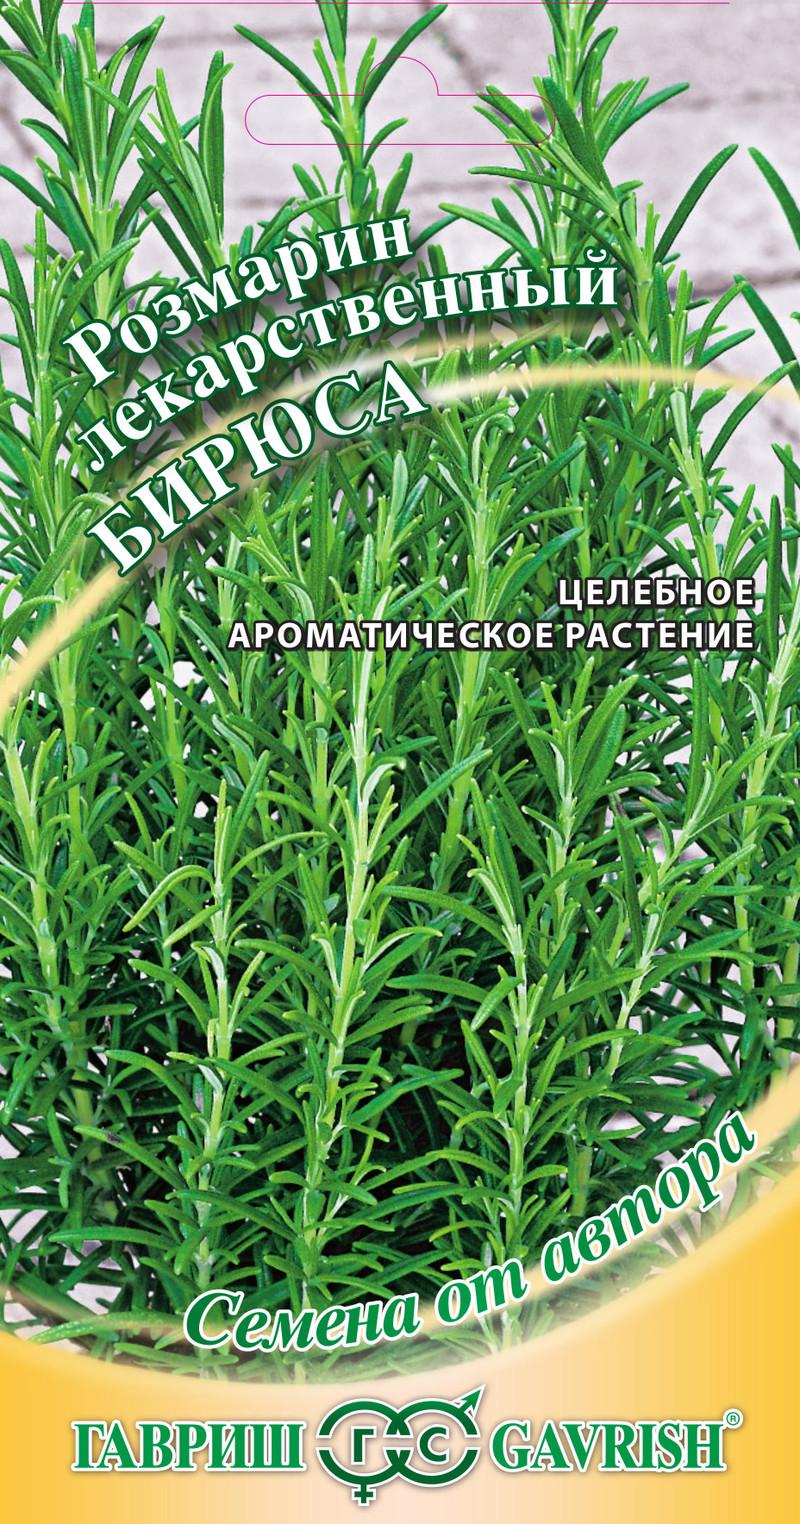 Семена розмарина Бирюса (Г)